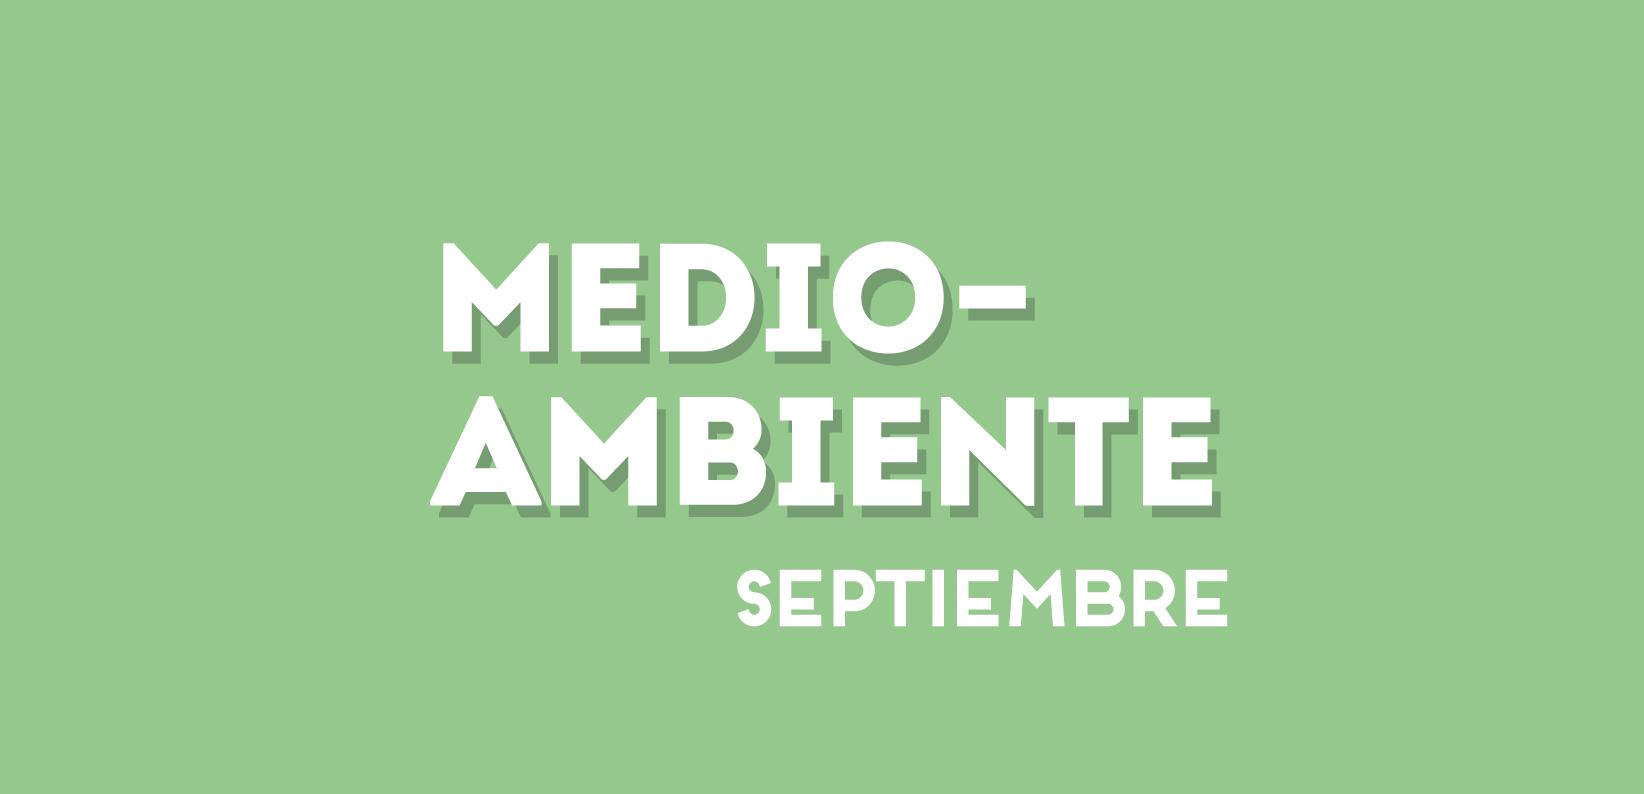 Medioambiente septiembre